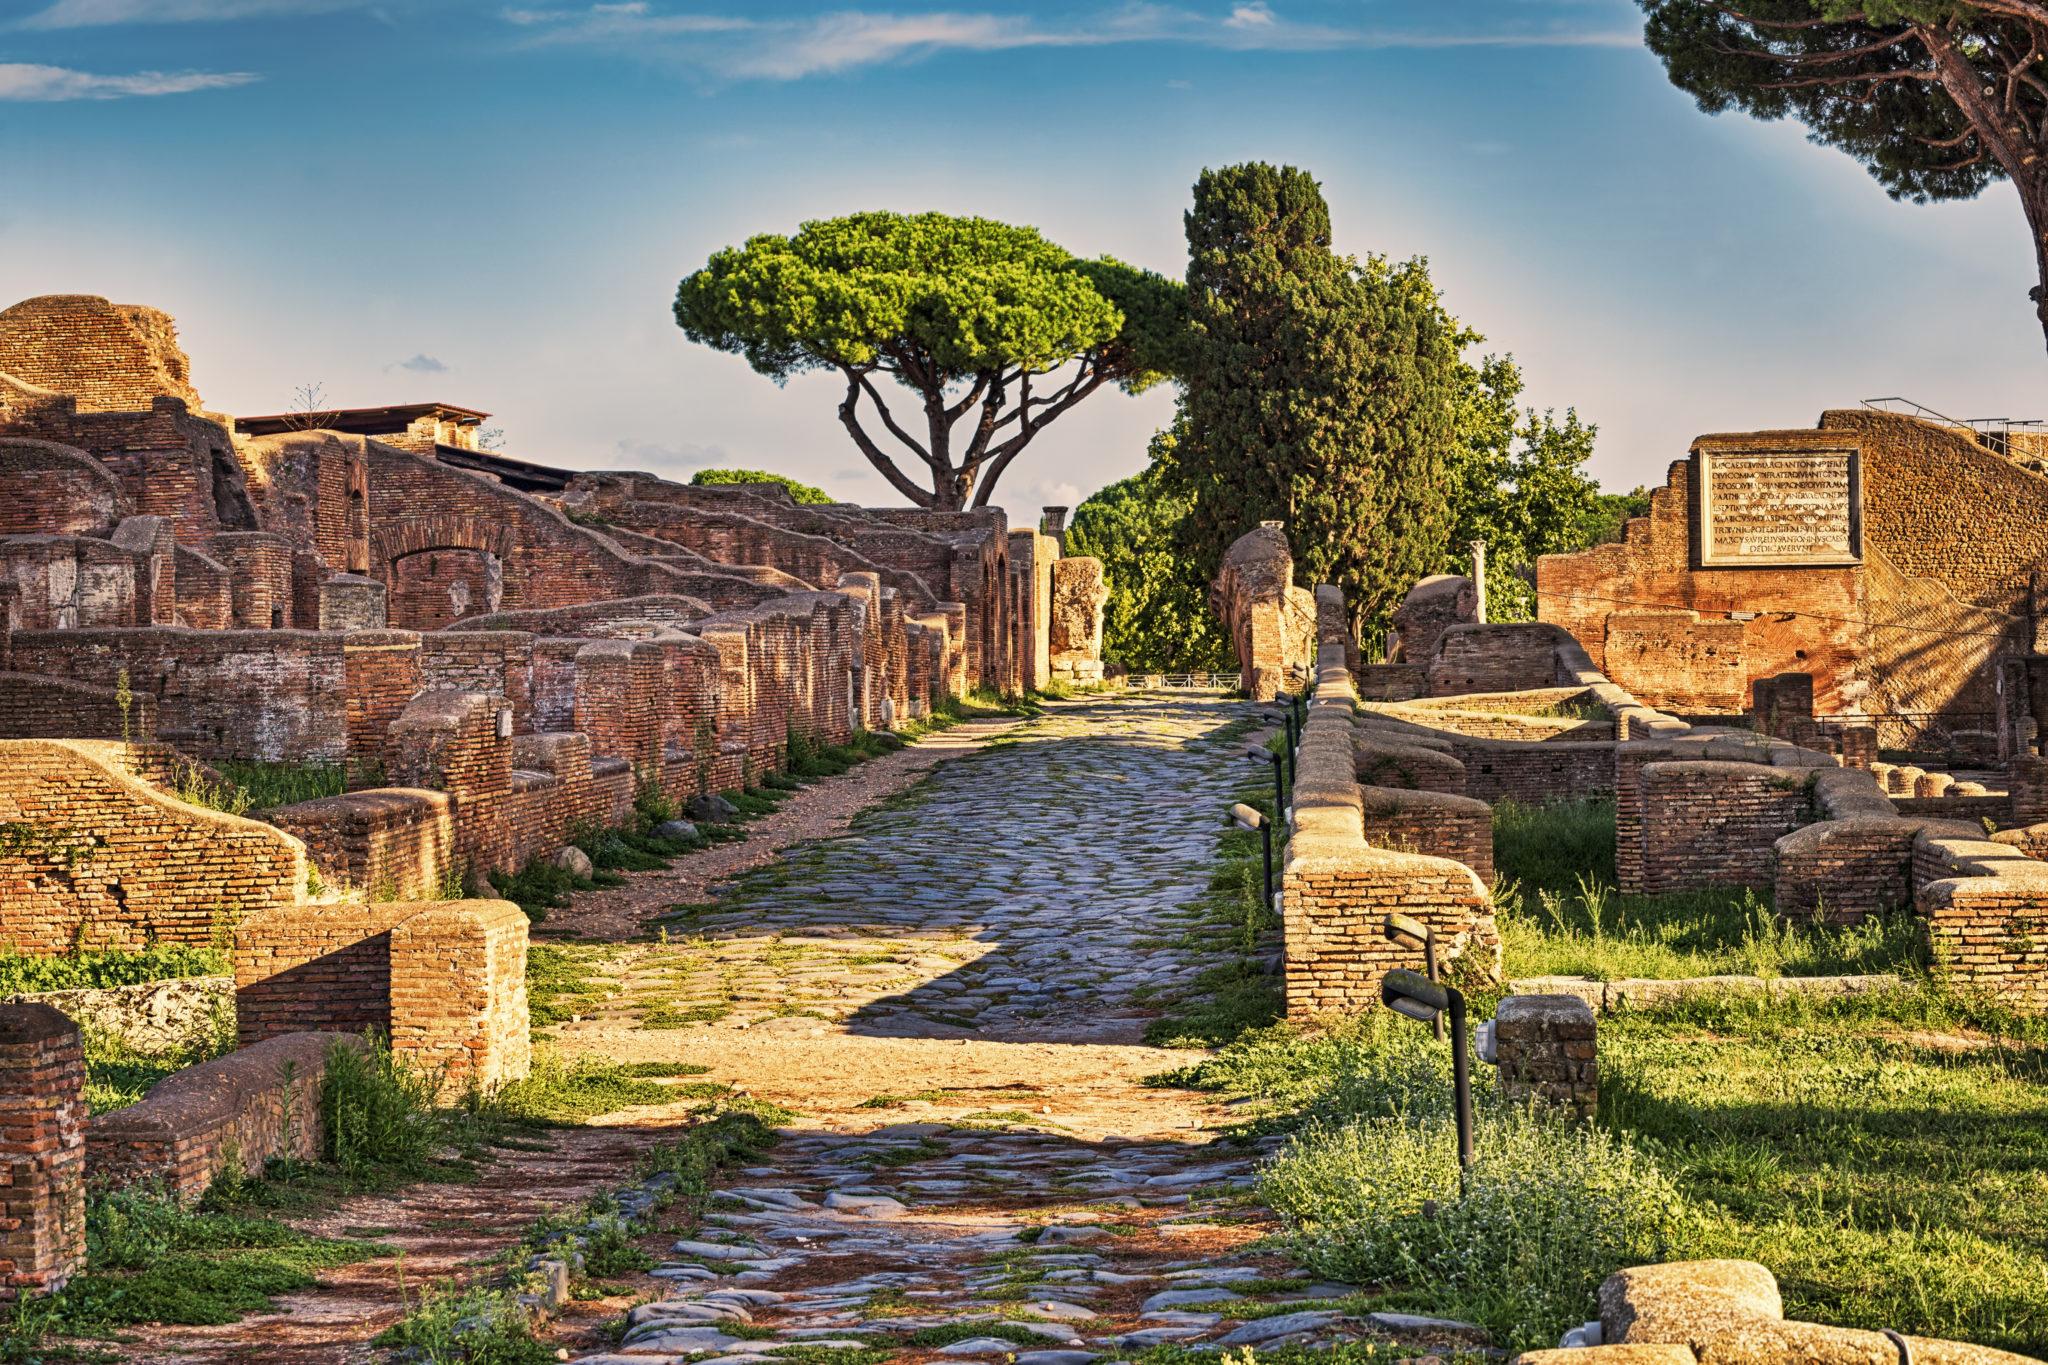 Die antiken Stätten von Ostia Antica bei Rom